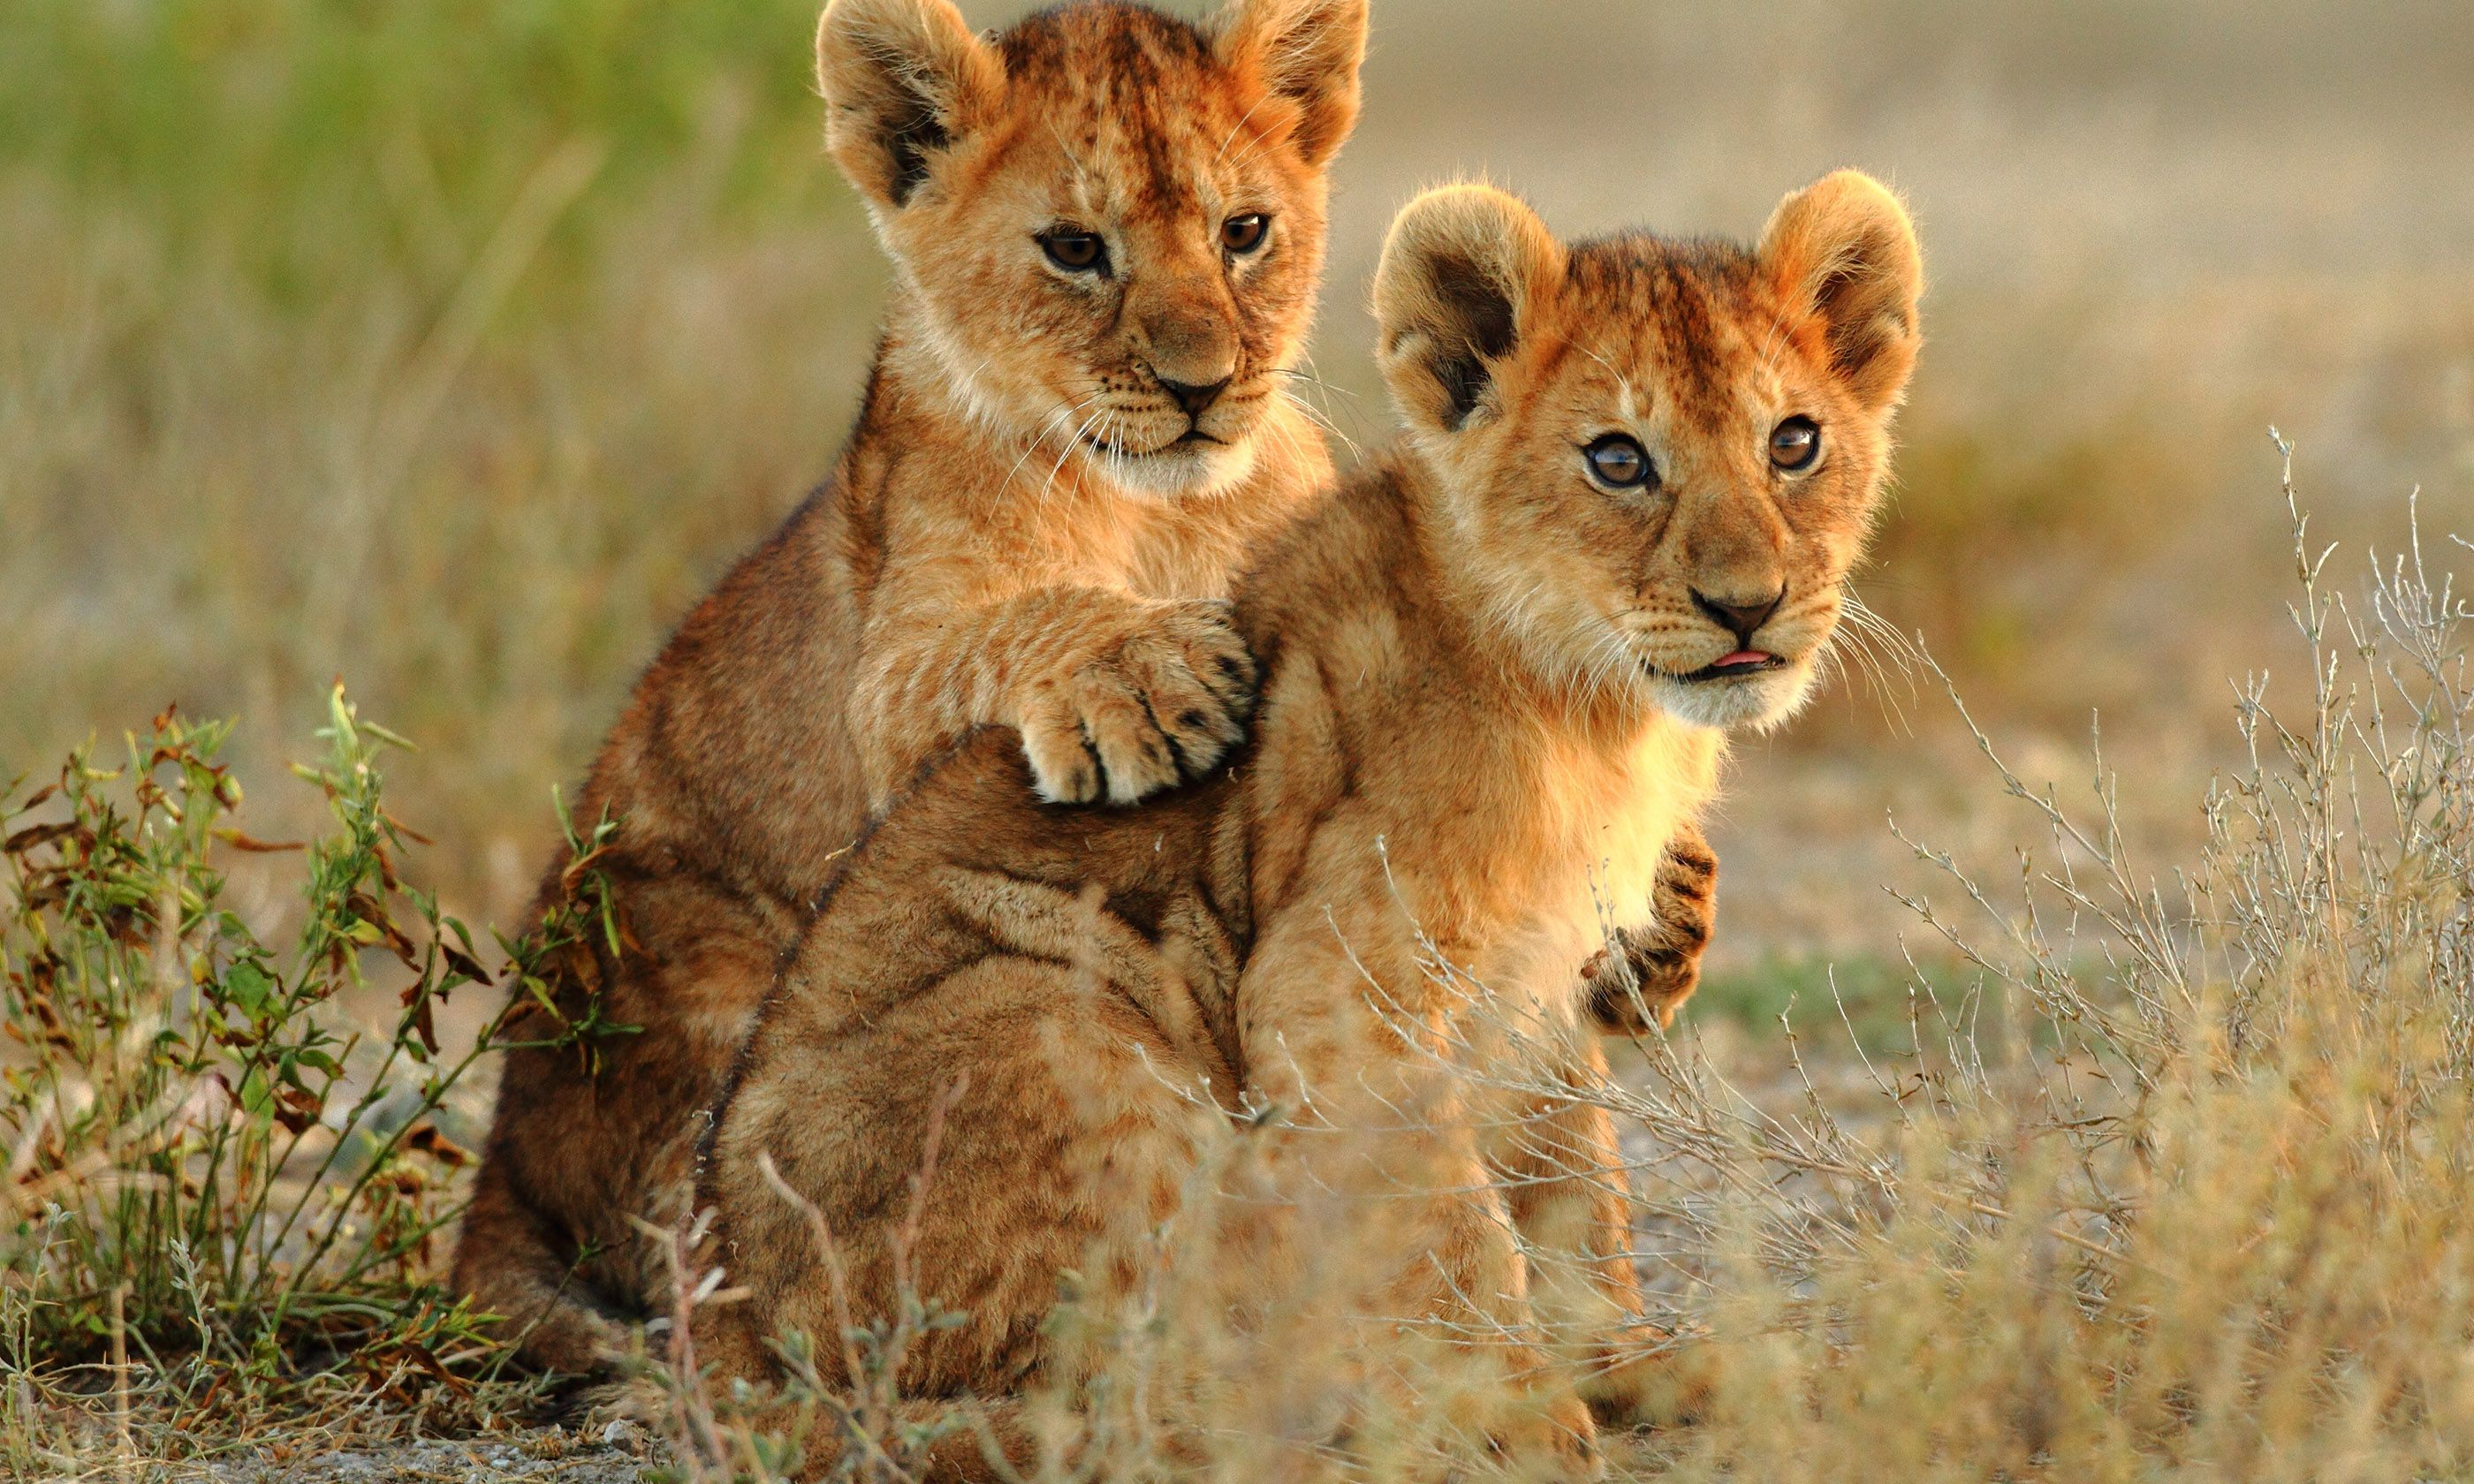 Lion cubs (Shutterstock)